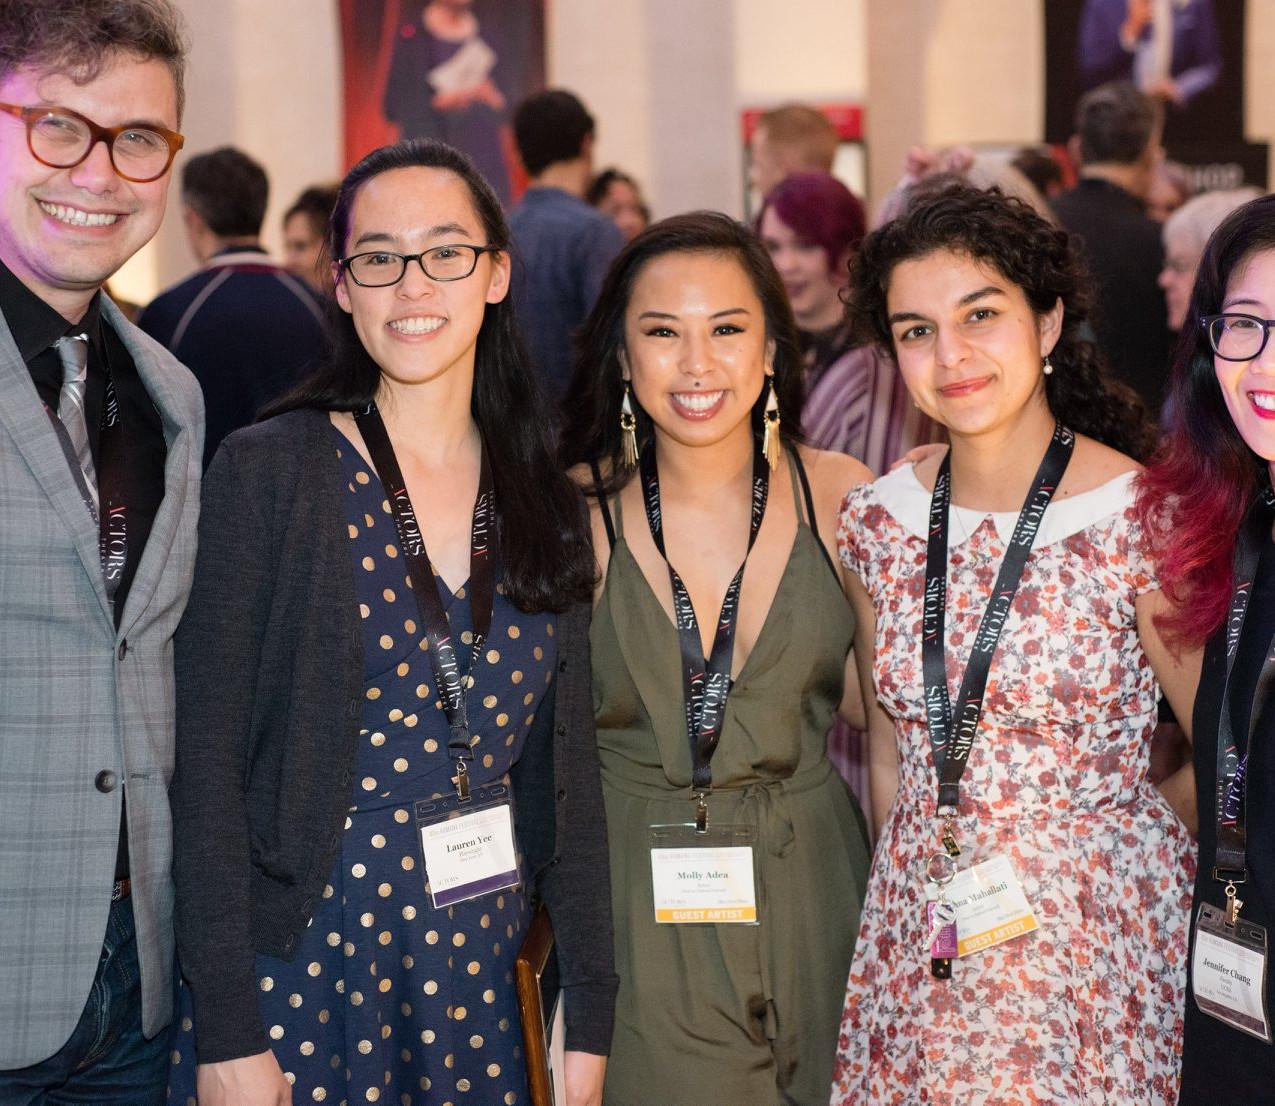 Evren Odcikin, Lauren Yee, Molly Adea, Ariana Mahallati, Lauren Yee Photo by Andrew McCawley